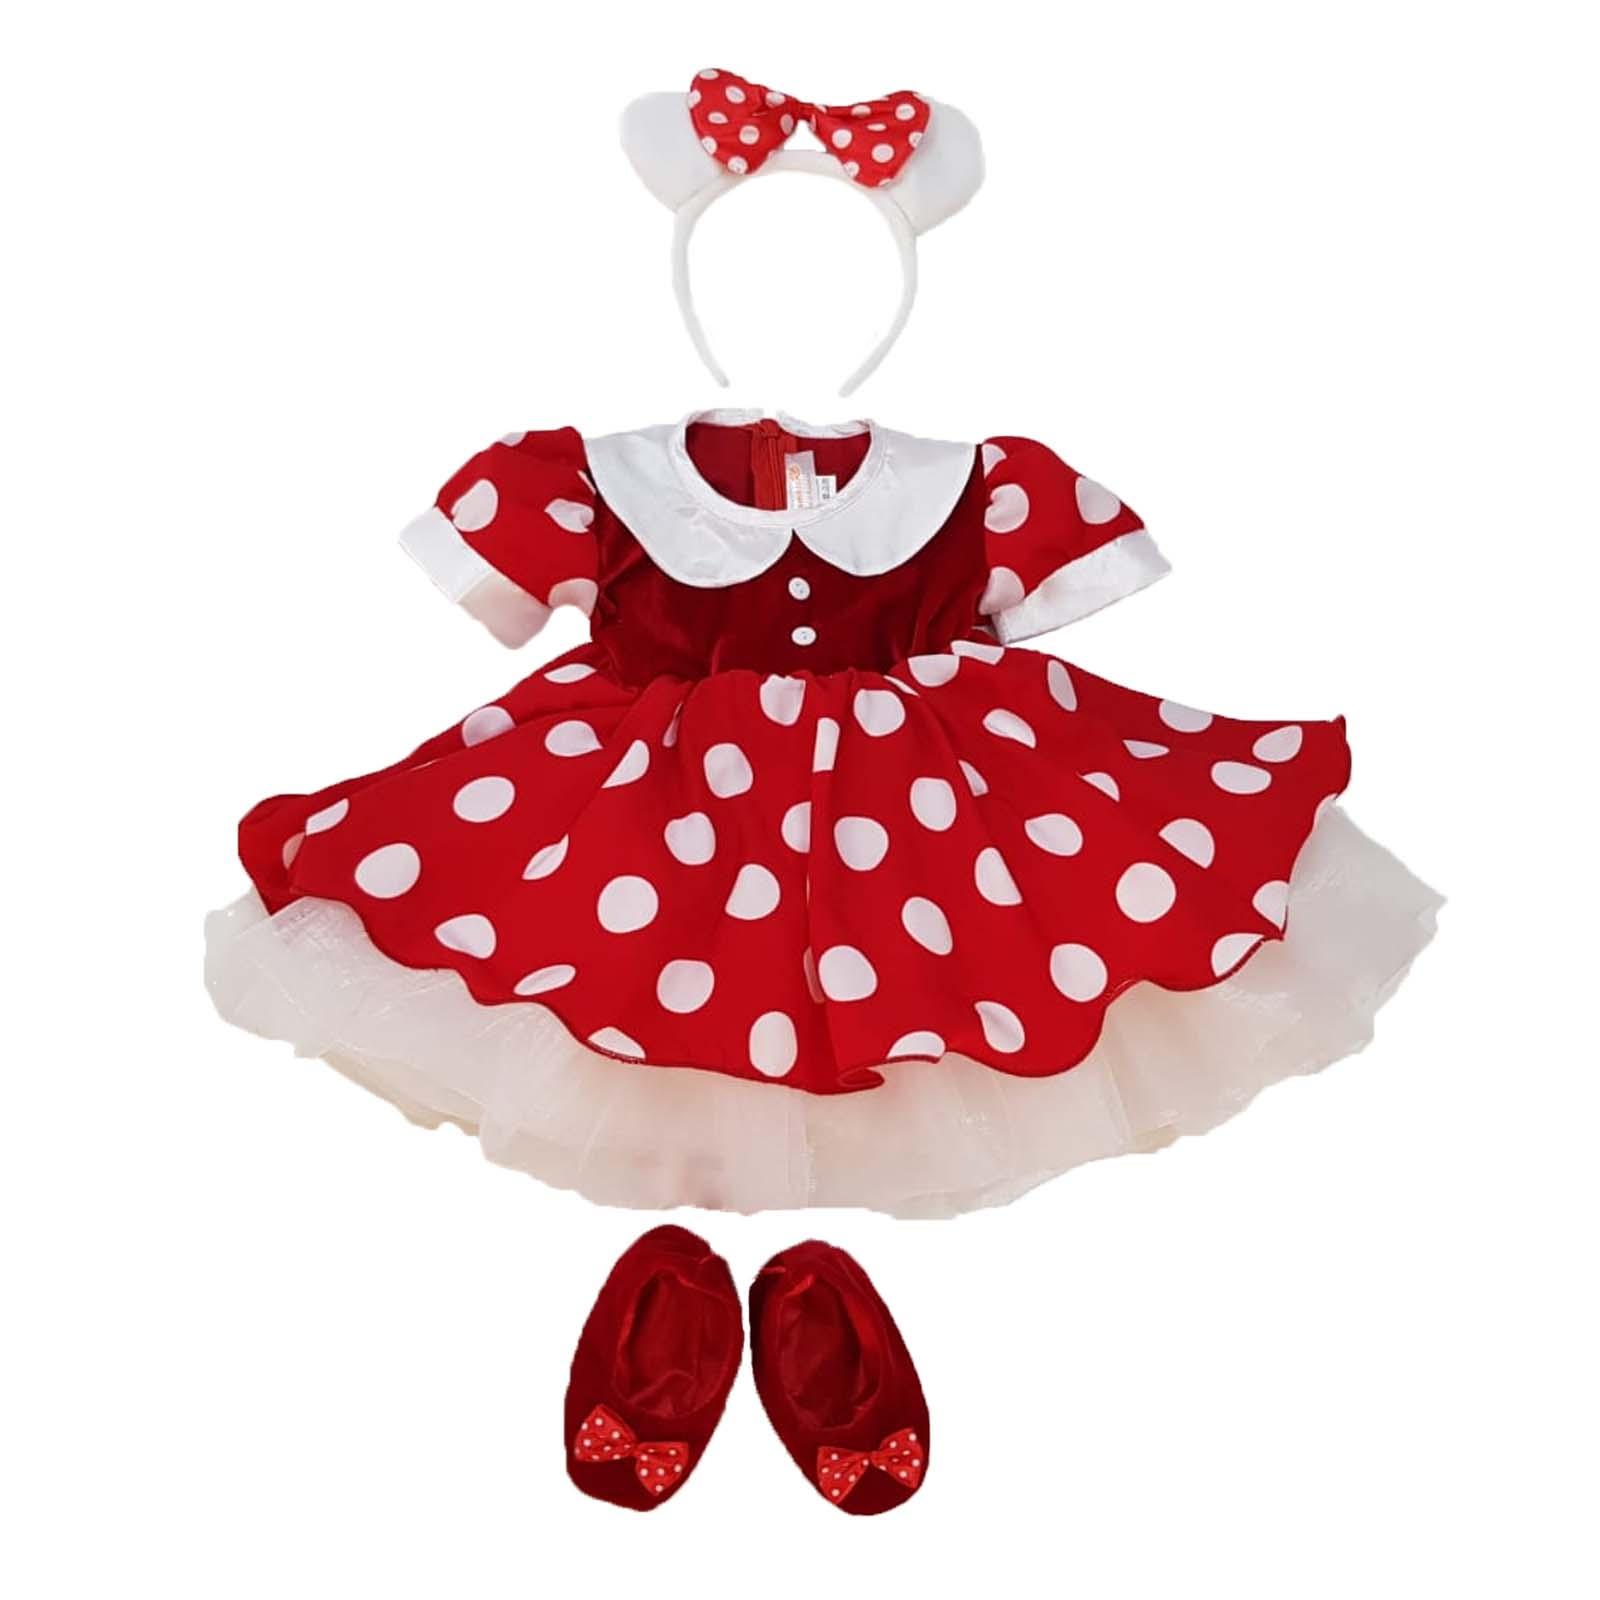 Rochita Minnie Mouse rosie cu bentita alba